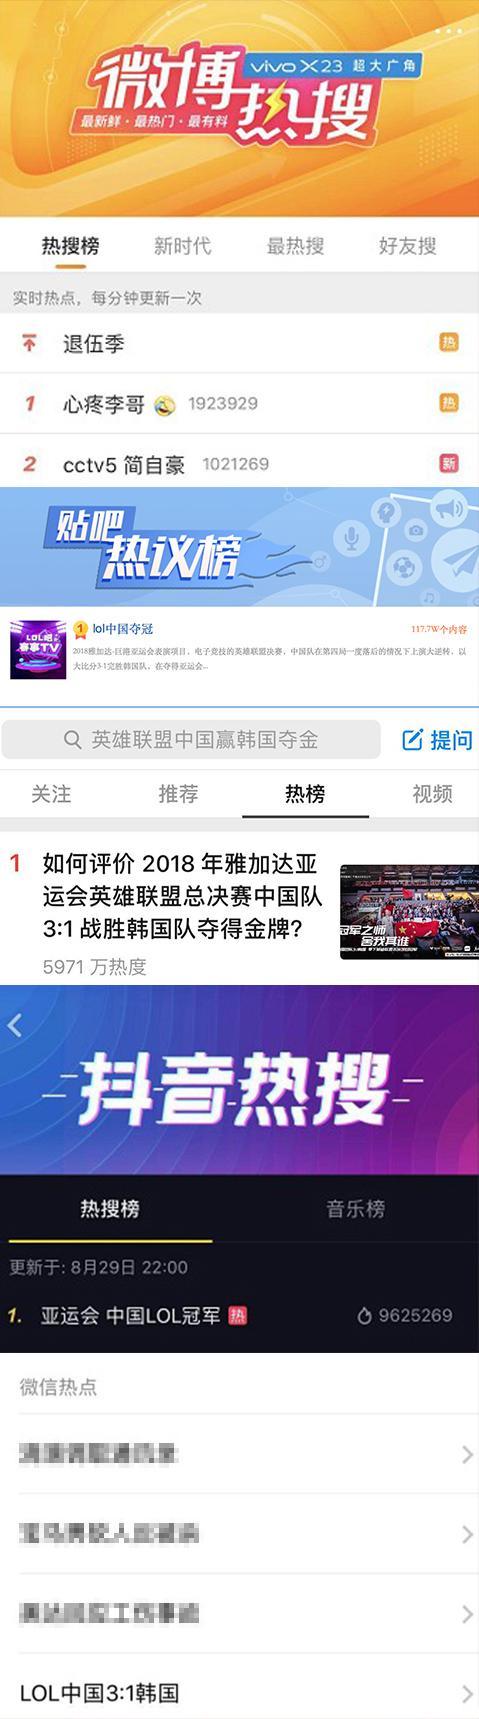 亚运会LOL中国队夺冠热度爆发背后的意义